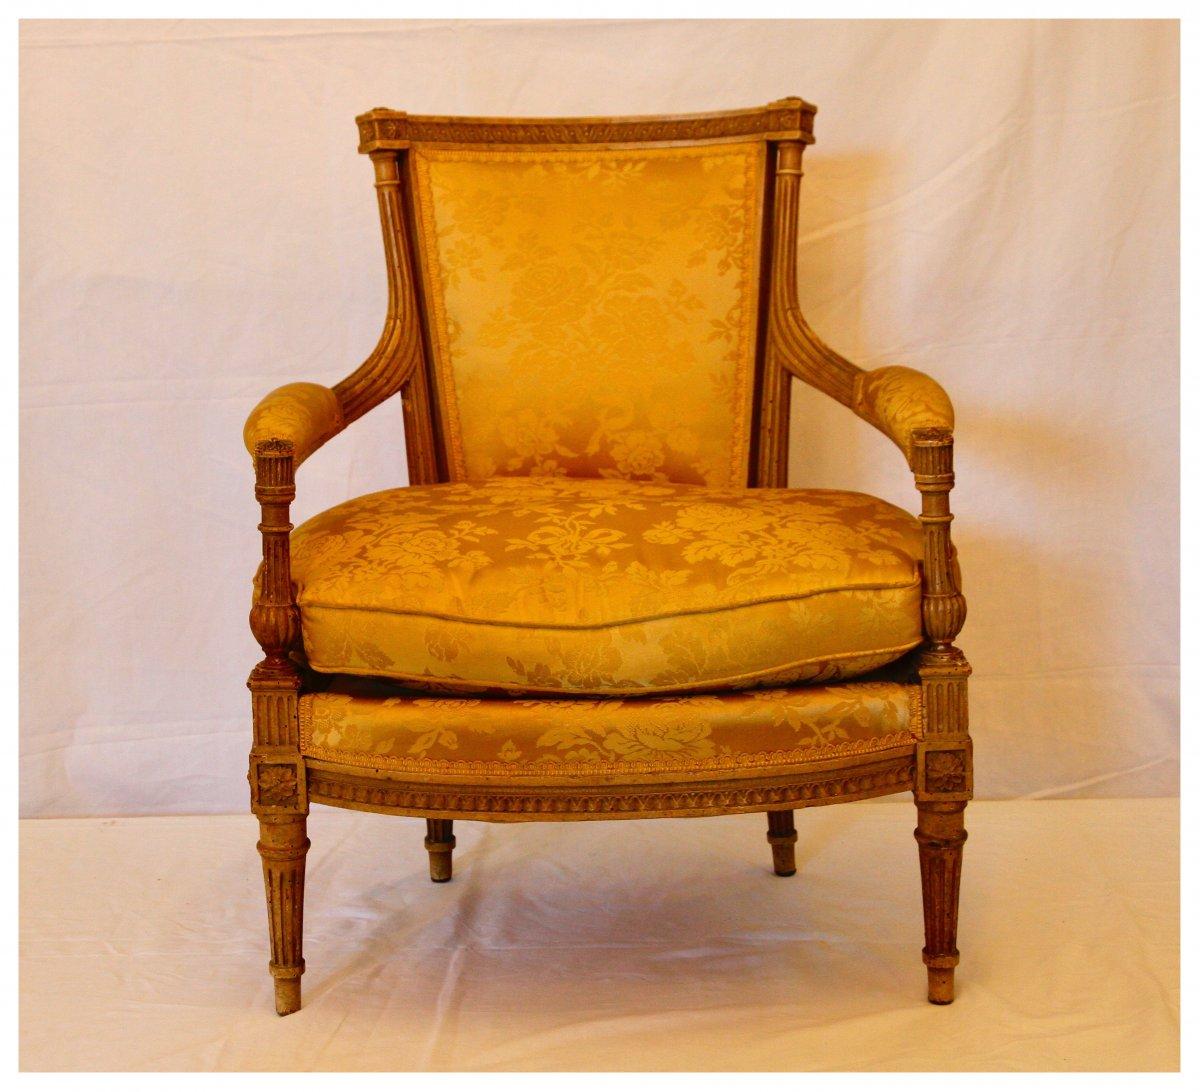 Fauteuil Pour Enfant D'époque Louis XVI, XVIIIe Siècle